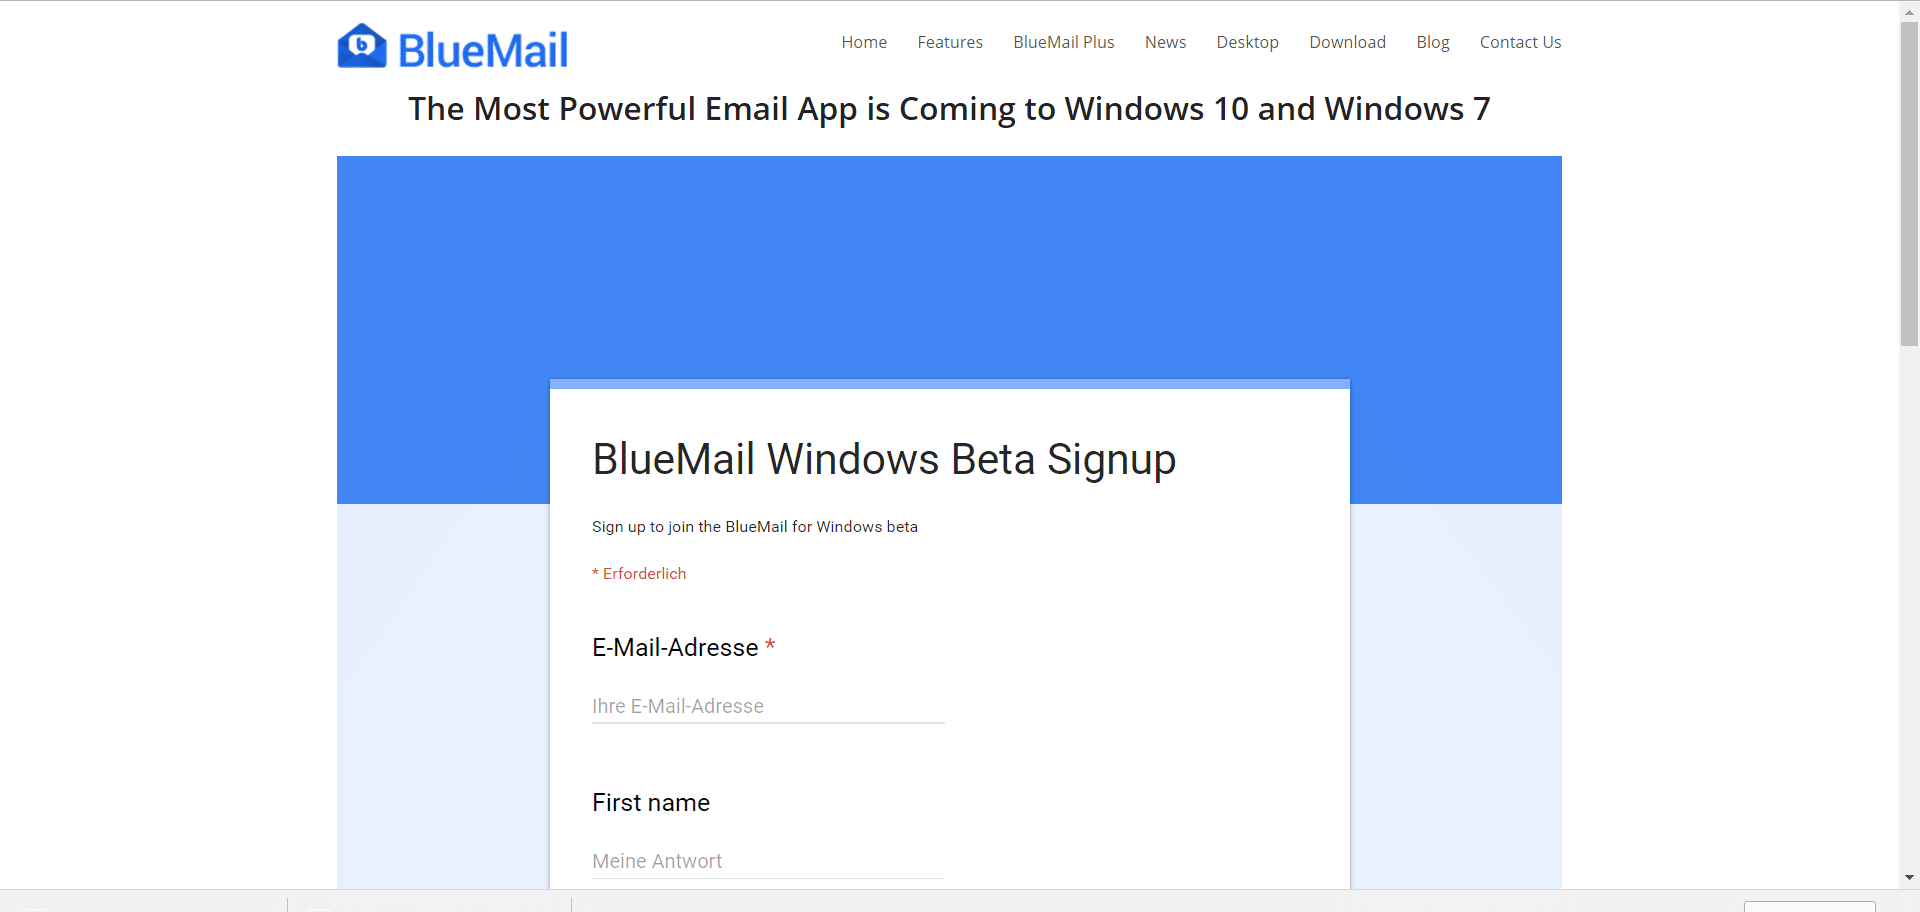 Bluemail sucht Betatester für Windows 10 (und 7) Version